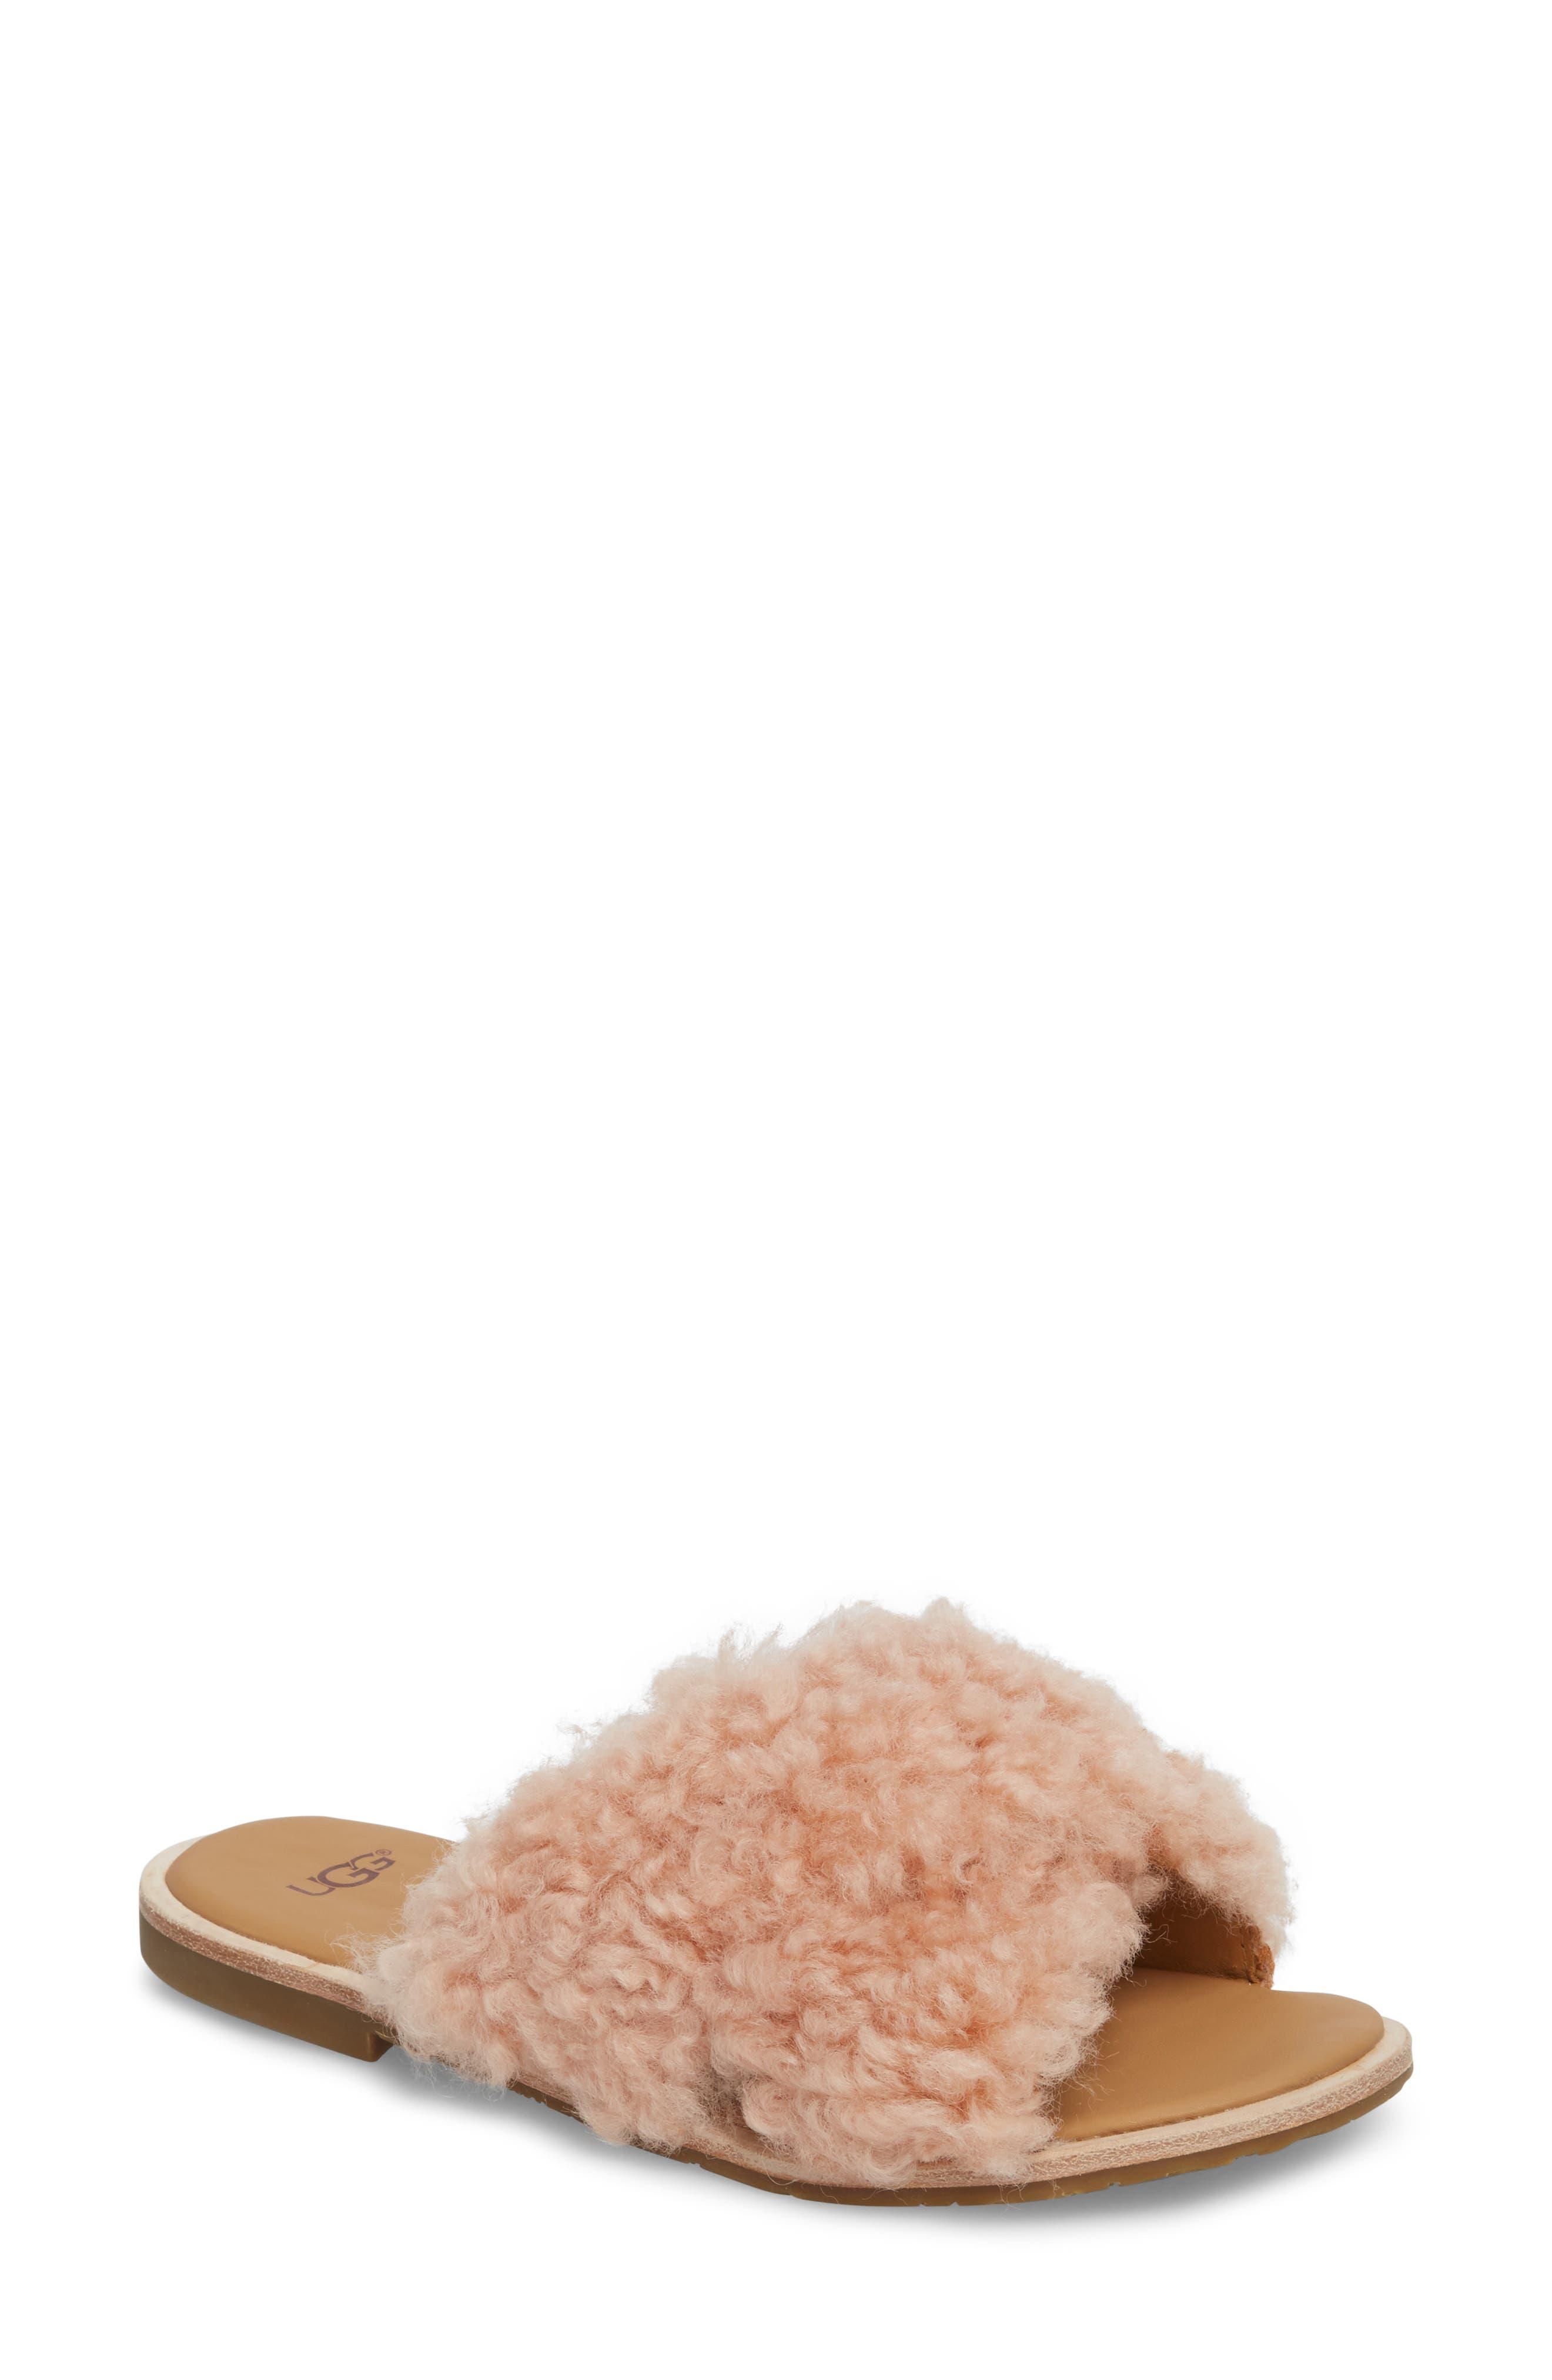 Joni Genuine Shearling Slide Sandal,                             Main thumbnail 1, color,                             Suntan